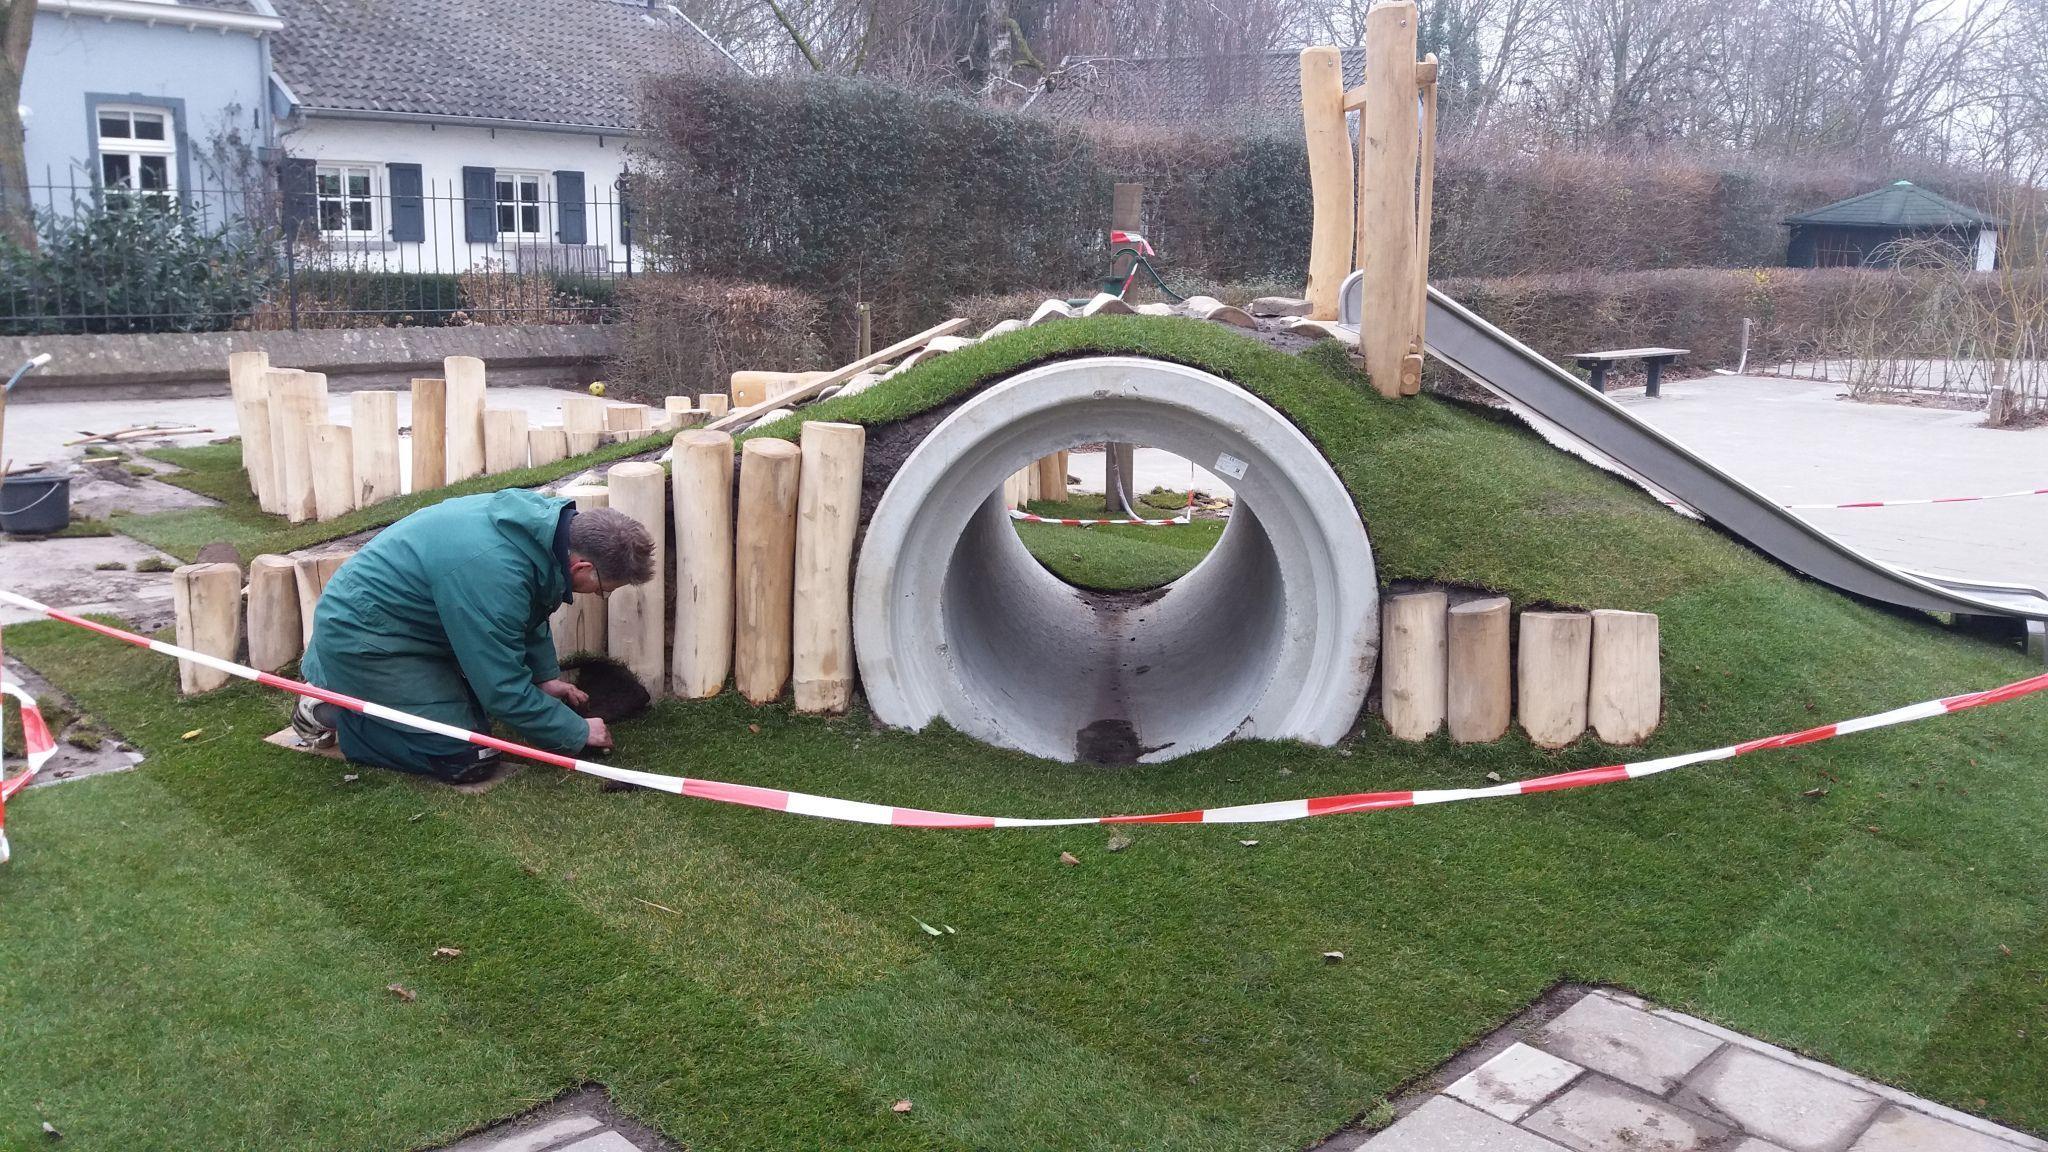 Photo of Groen es gras – Natuur-speelplaats ejército